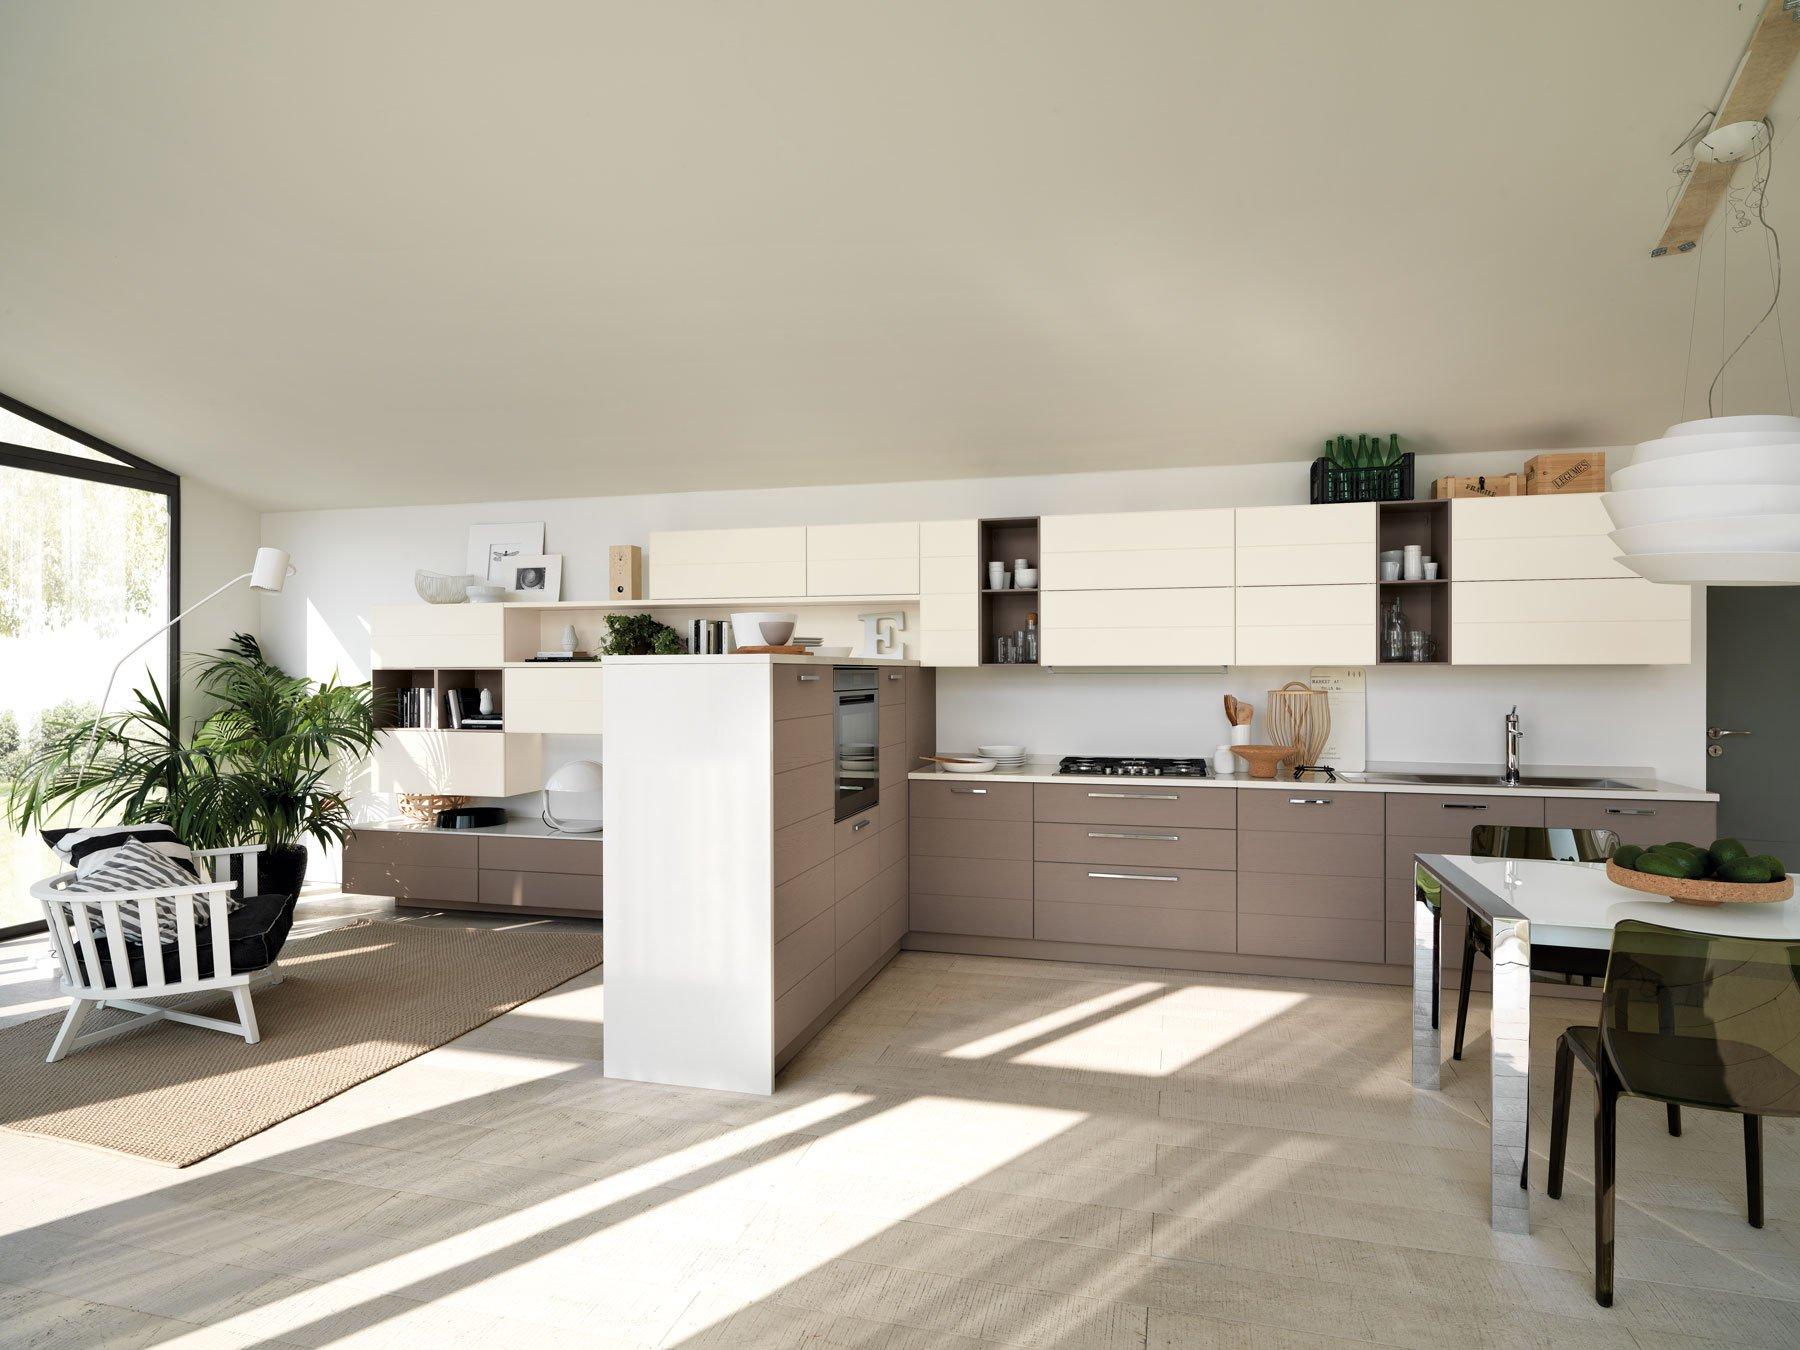 Casabook Immobiliare: Cucina e soggiorno: un unico ambiente